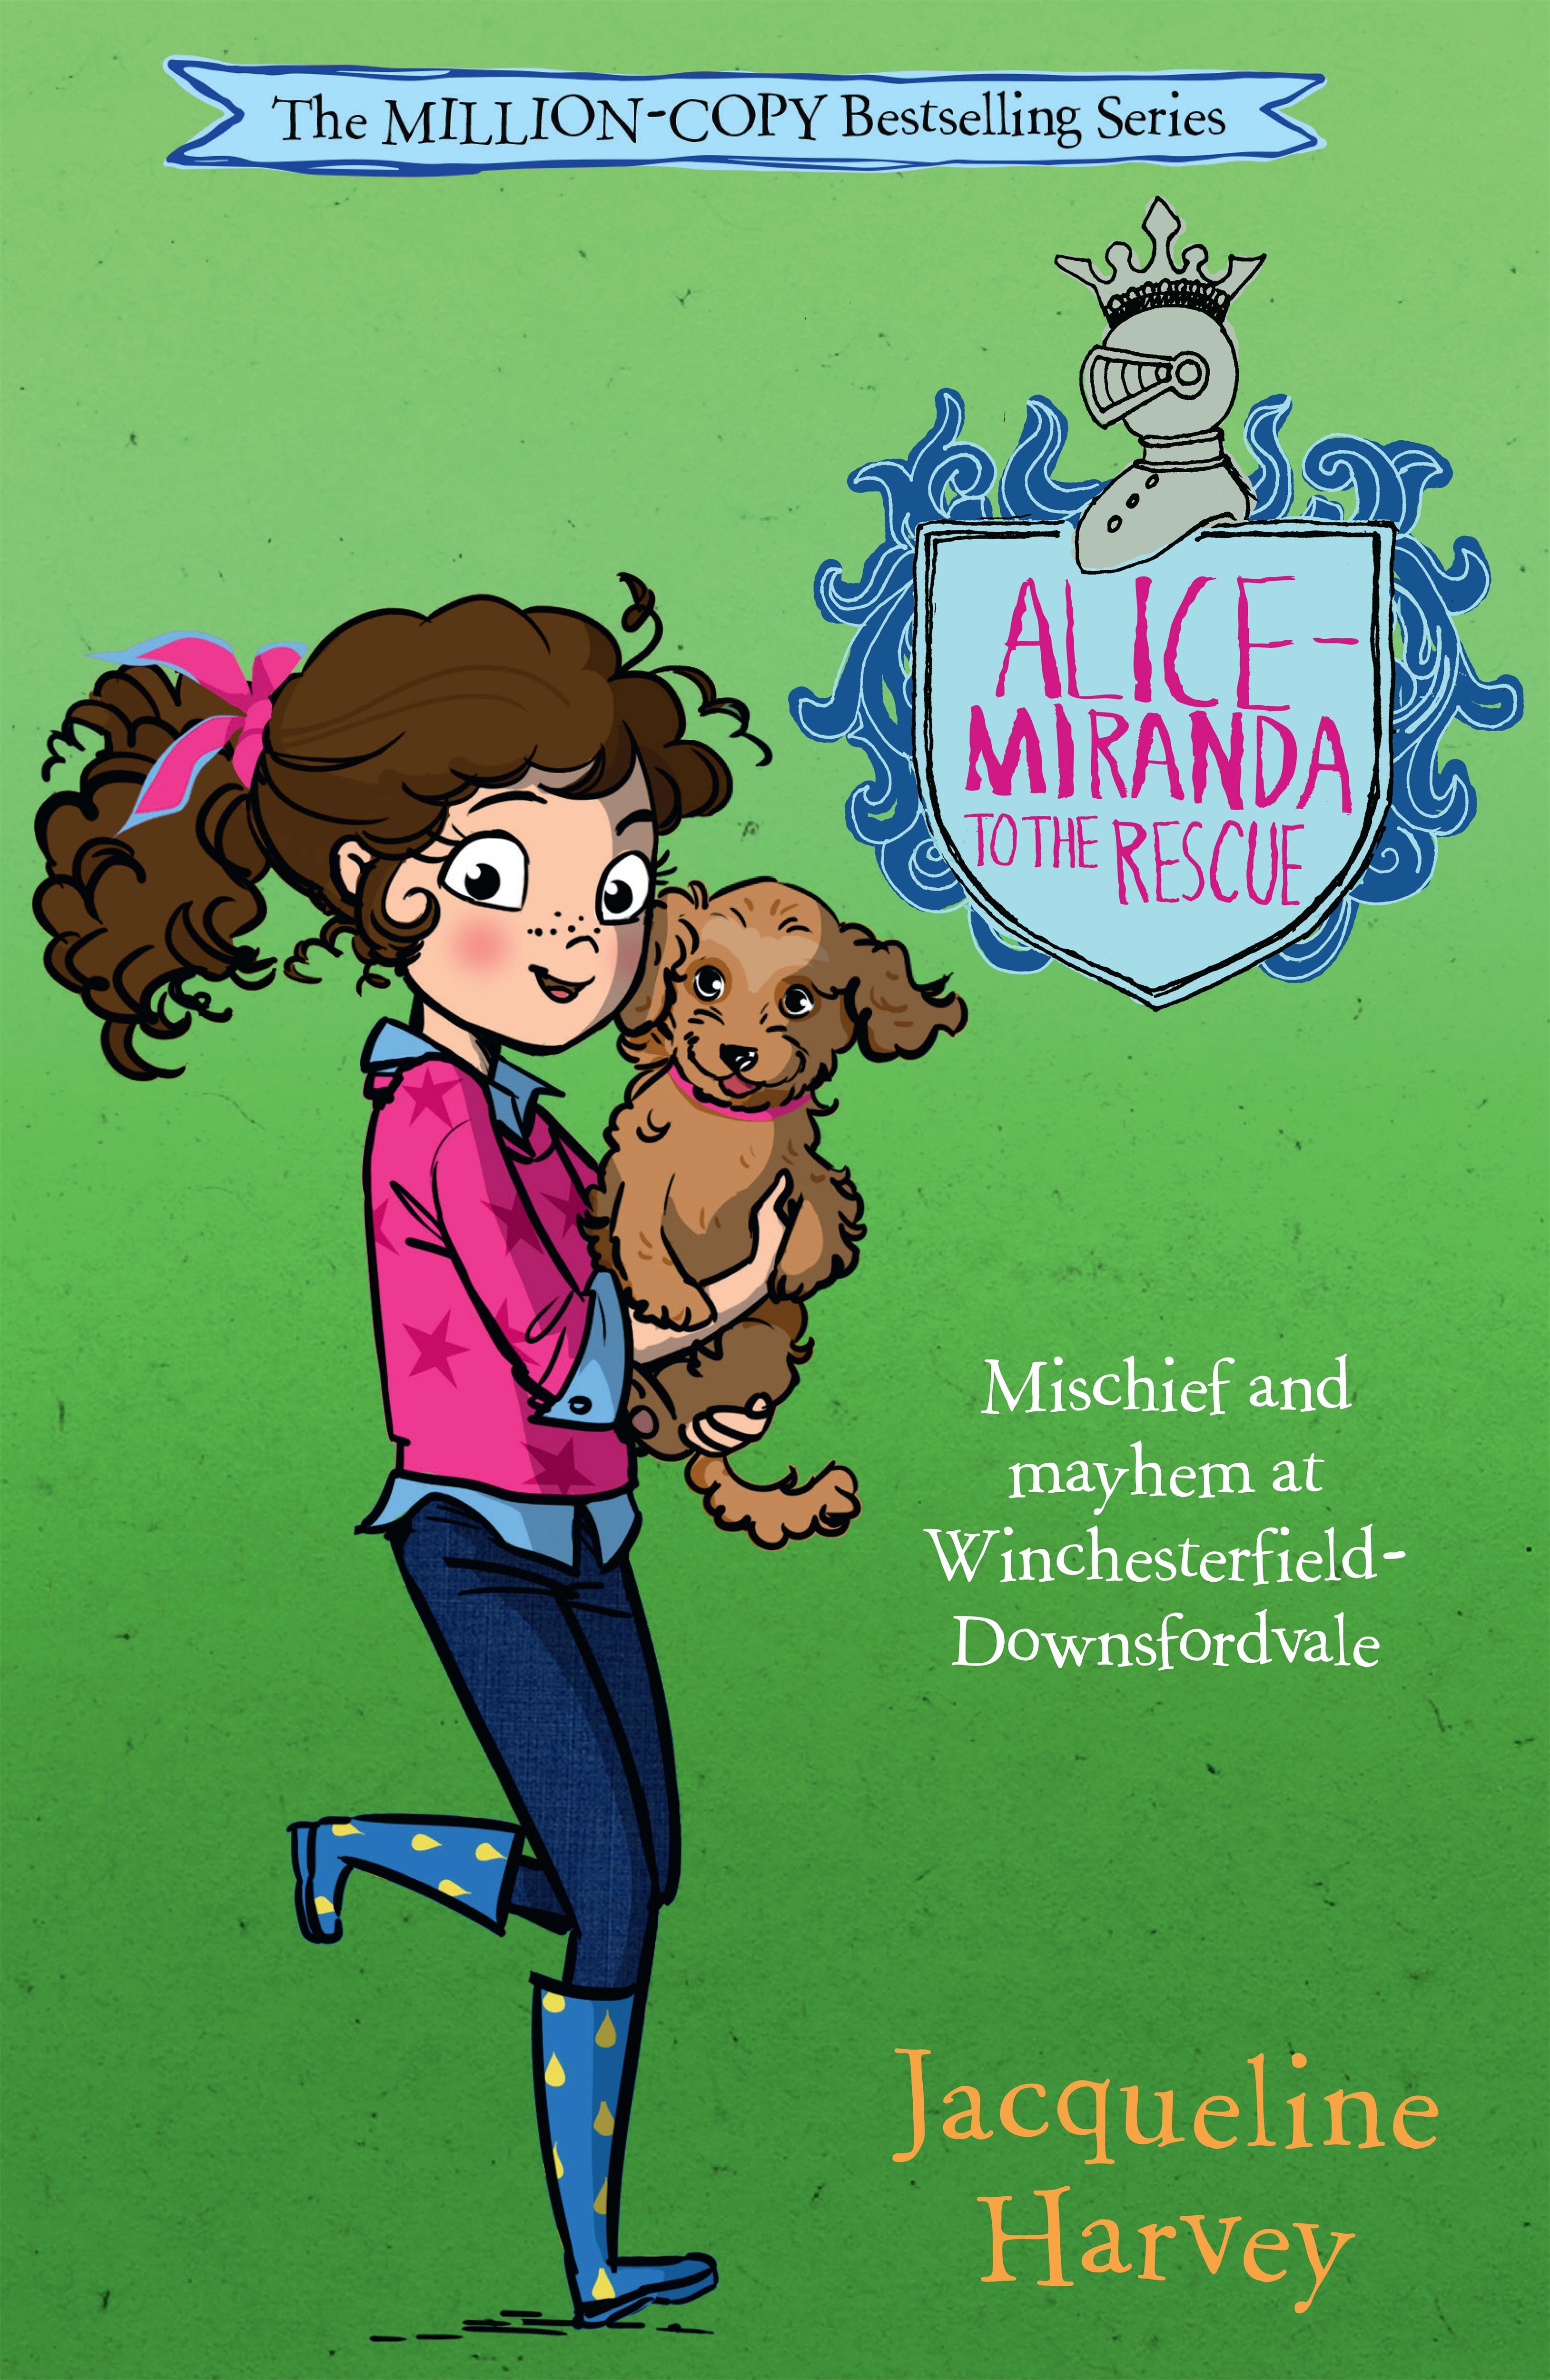 Alice-Miranda to the Rescue